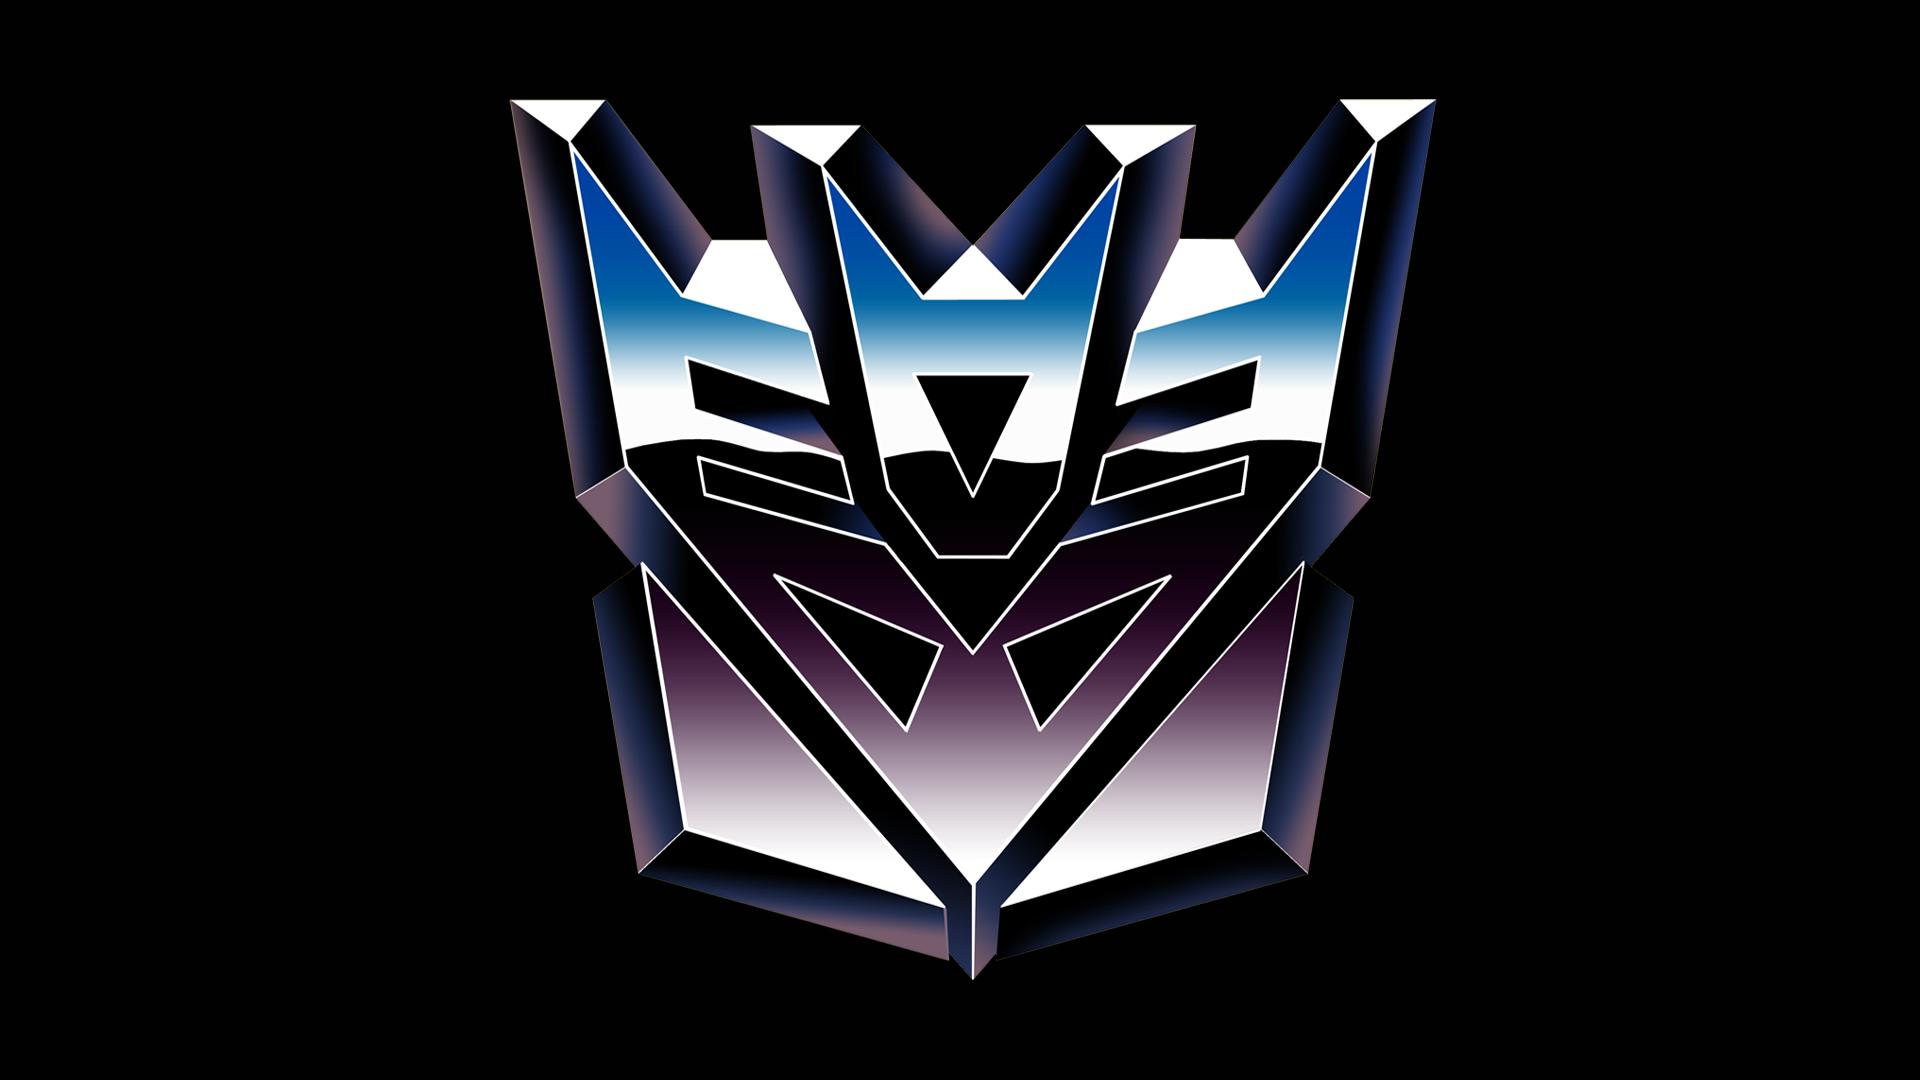 G1 TF Logos as Vectors decepticonwallpaperjpg 1920x1080